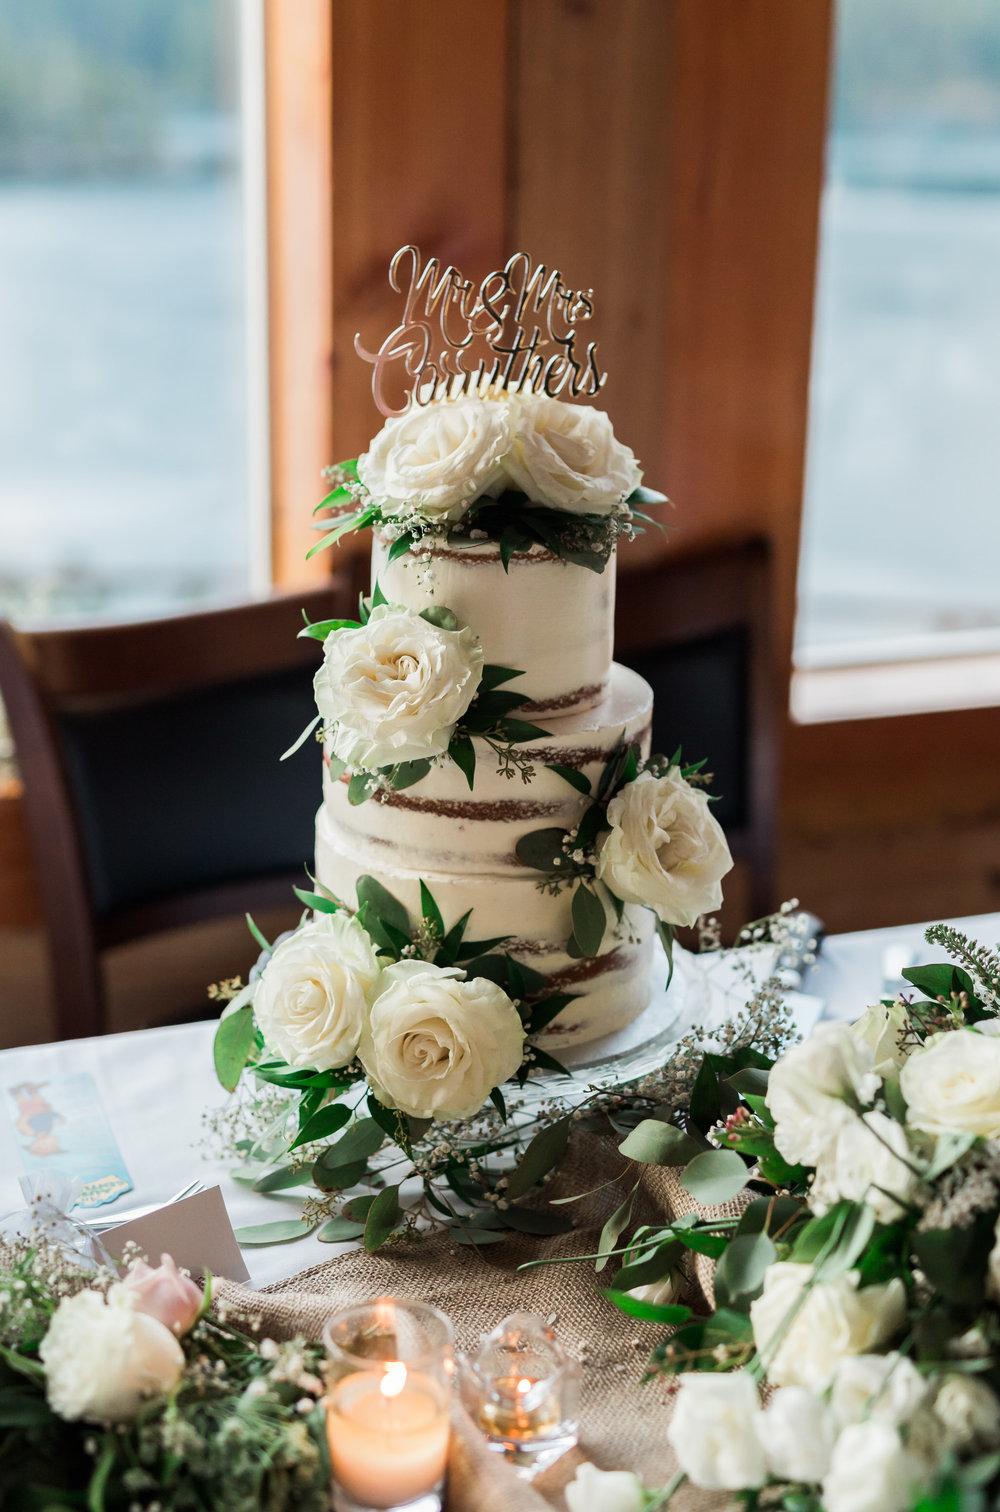 West Coast Wilderness Lodge Wedding - Jennife Picard Photography - Sunshine Coast Wedding Photographer - Vancouver Wedding Photographer - IMG_6169.jpg